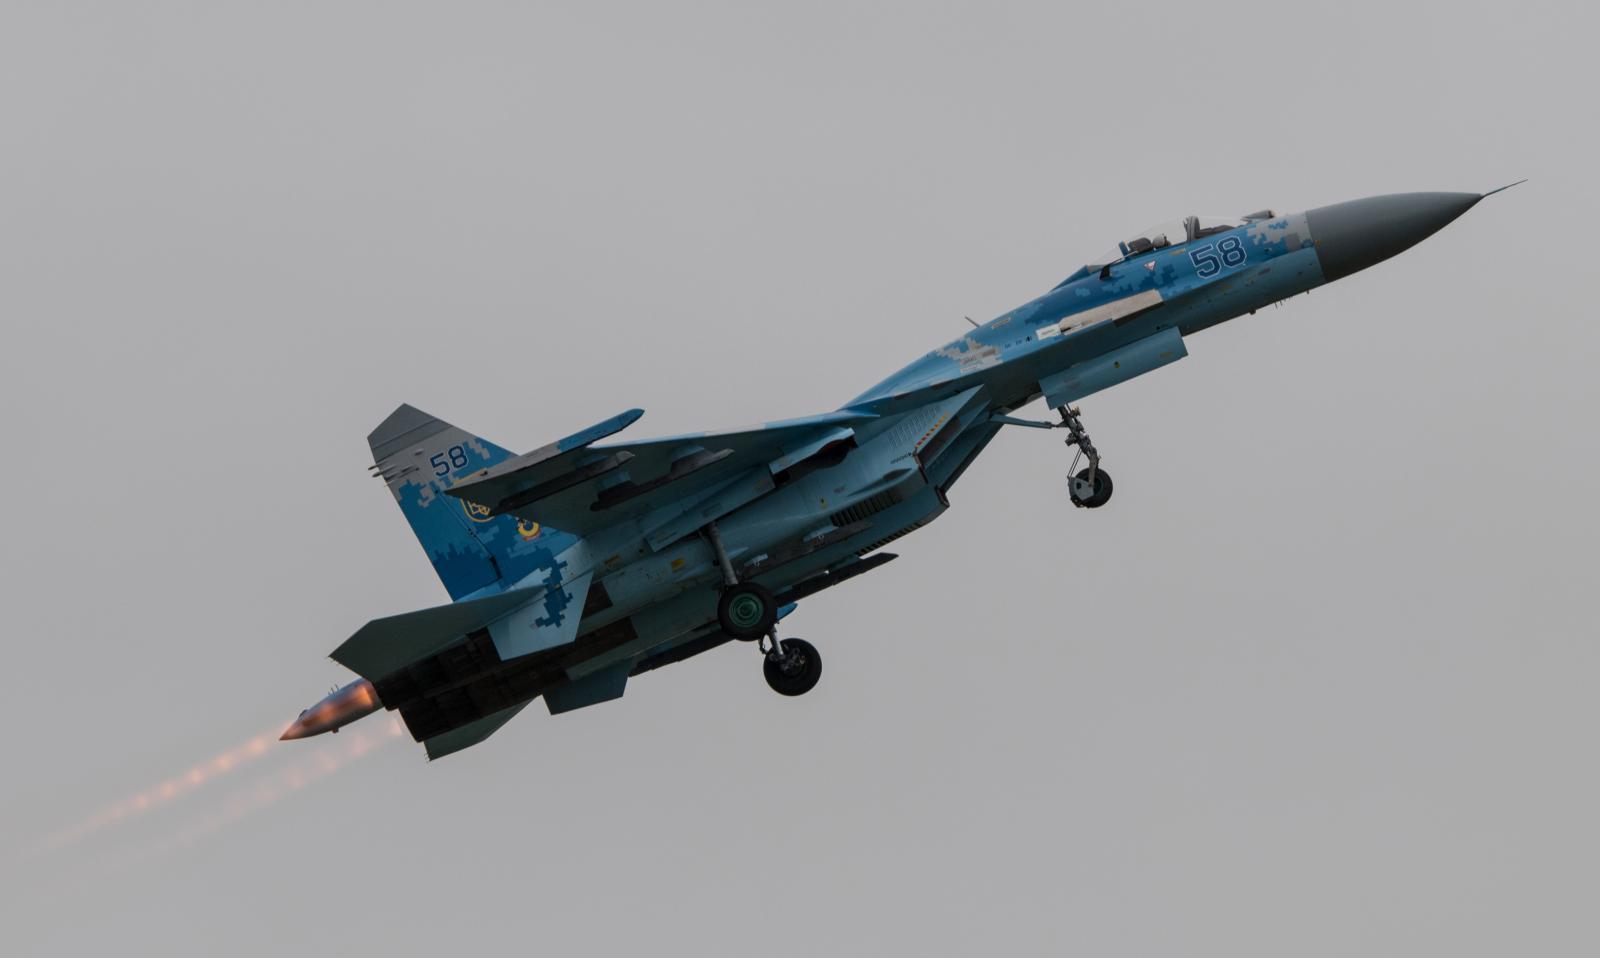 Из-за полета СУ-27 в МИД Швеции вызвали посла России